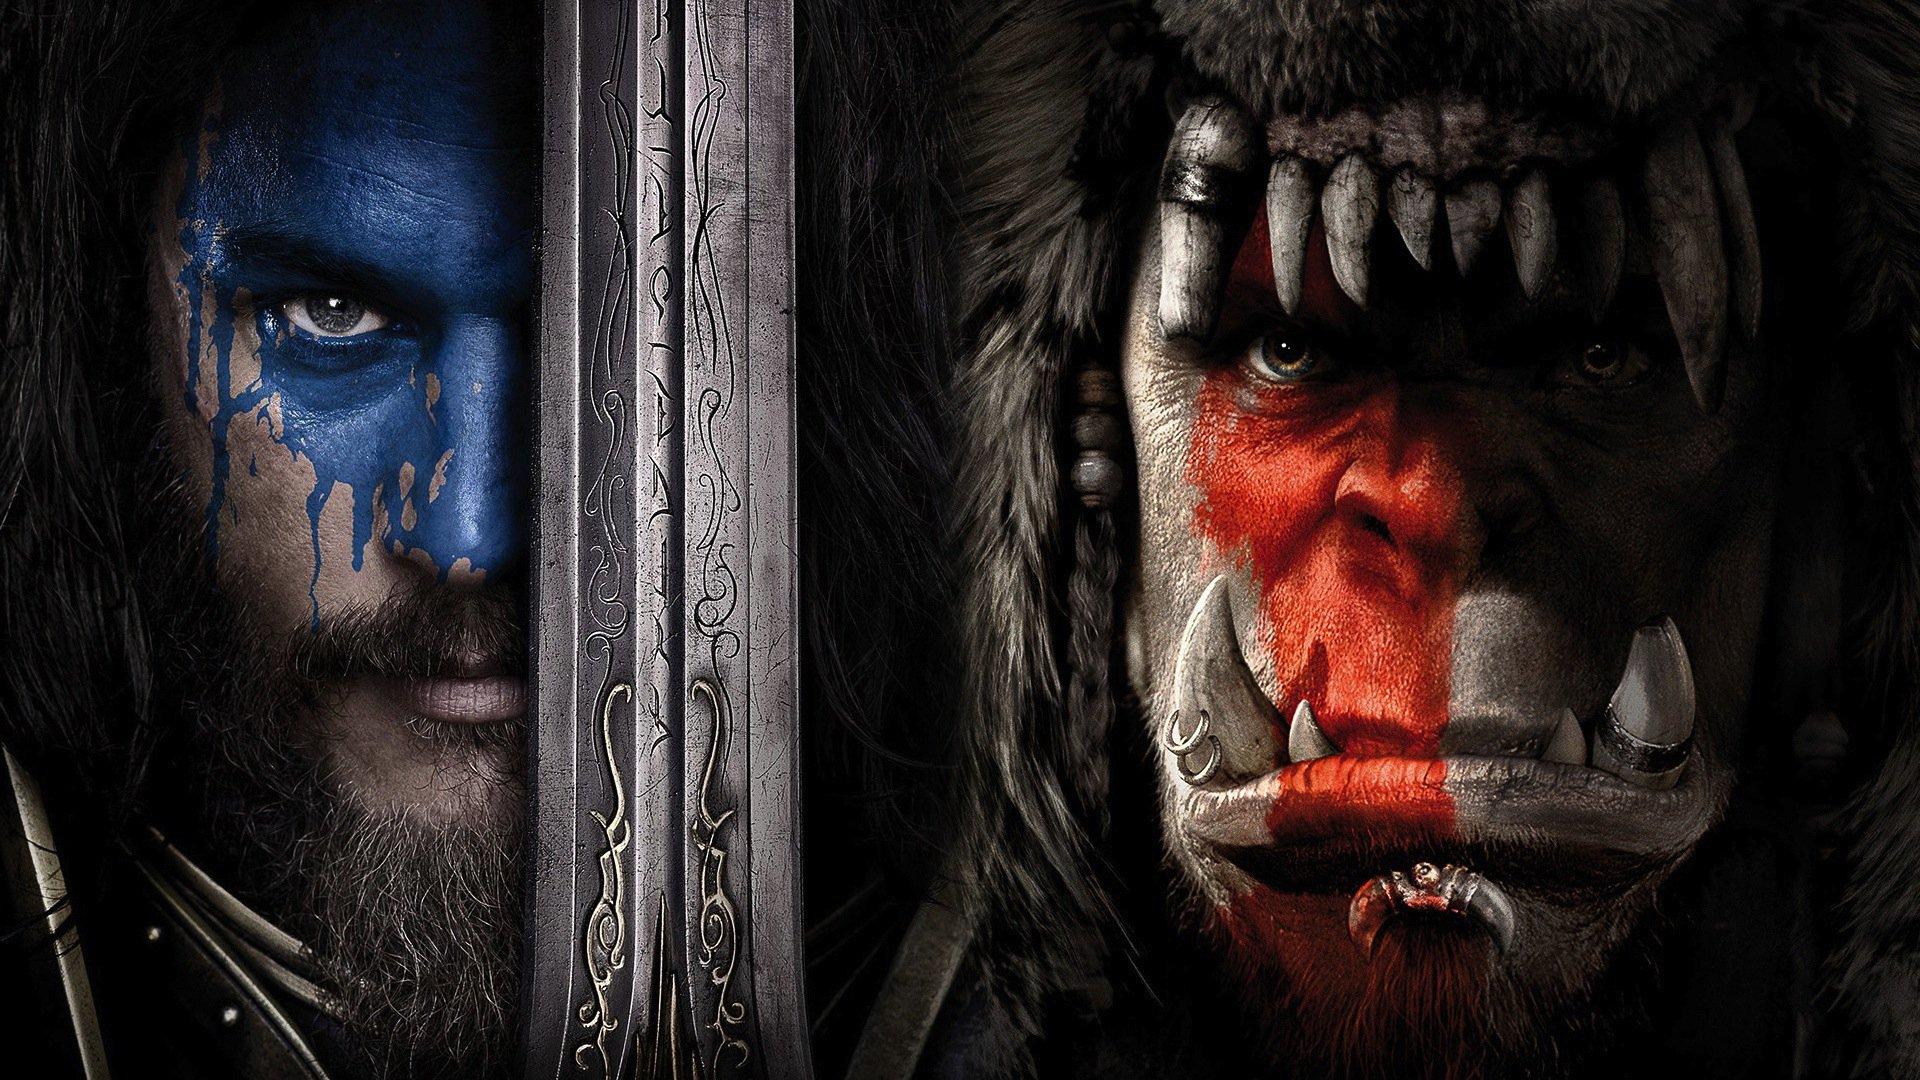 Warcraft Movie Wallpaper 2